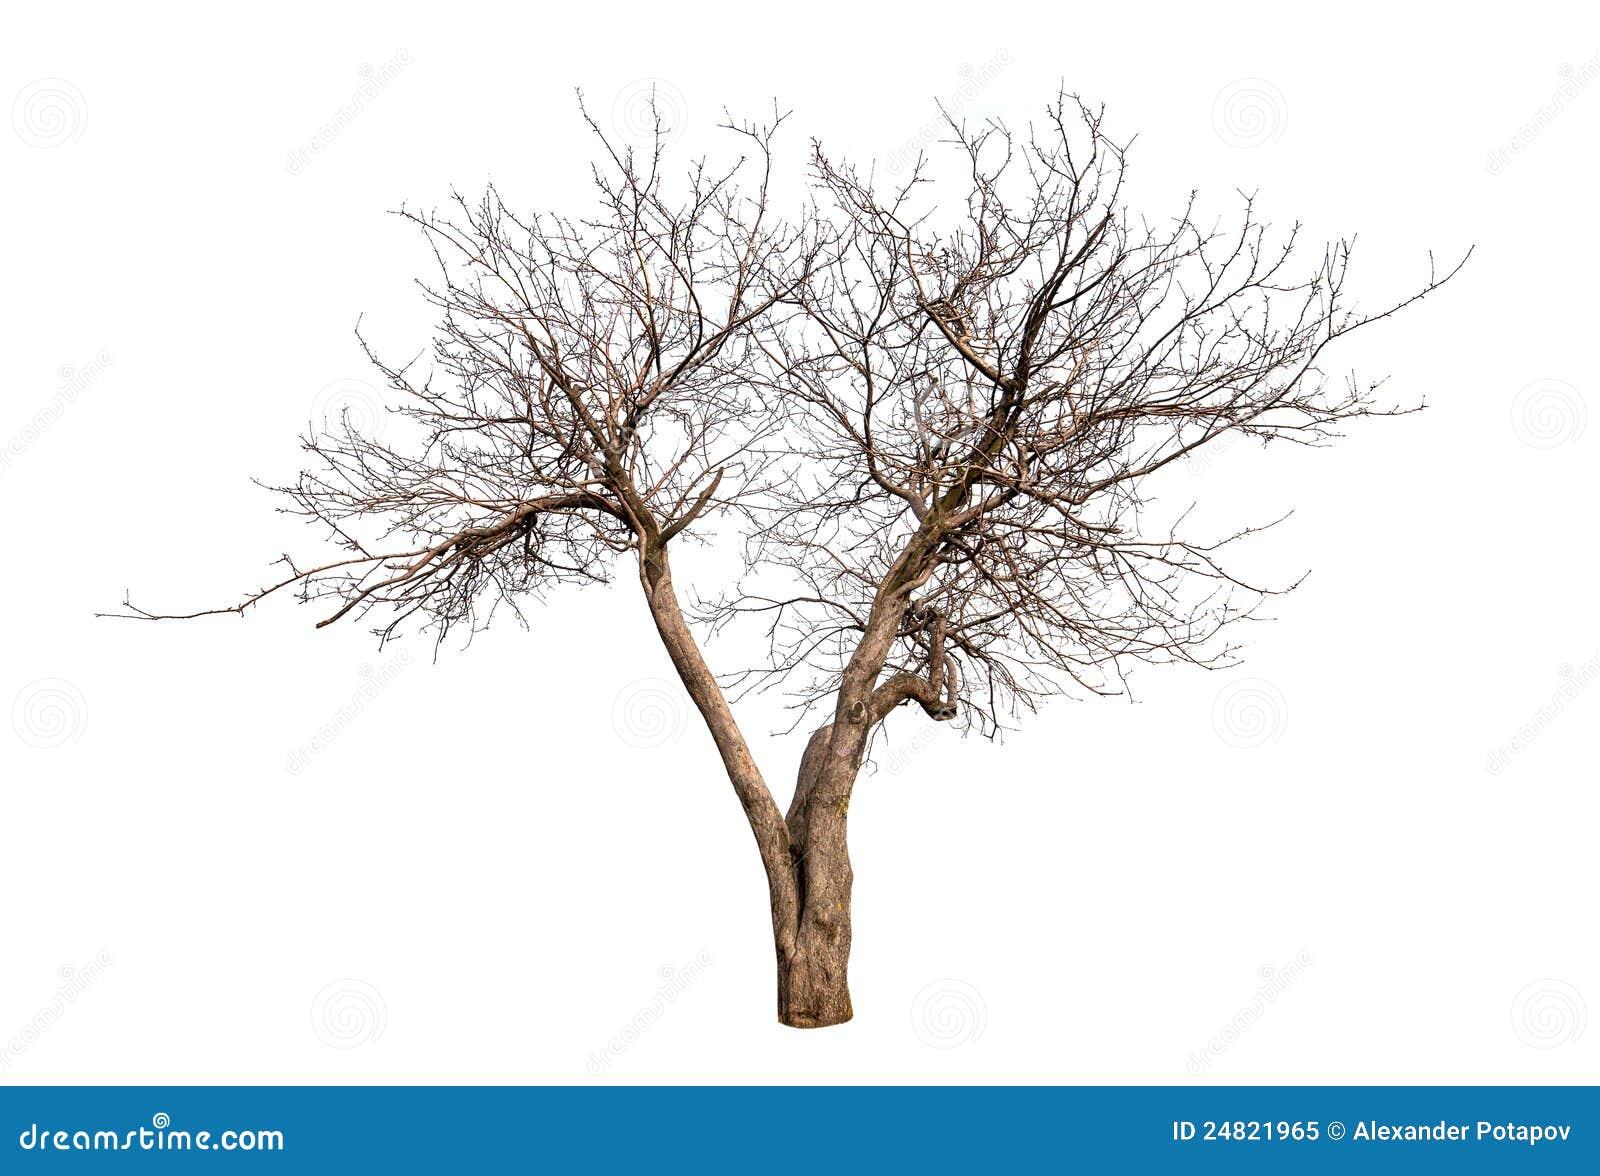 Berühmt Malvorlagen Bäume Und Blätter Bilder - Beispiel Business ...